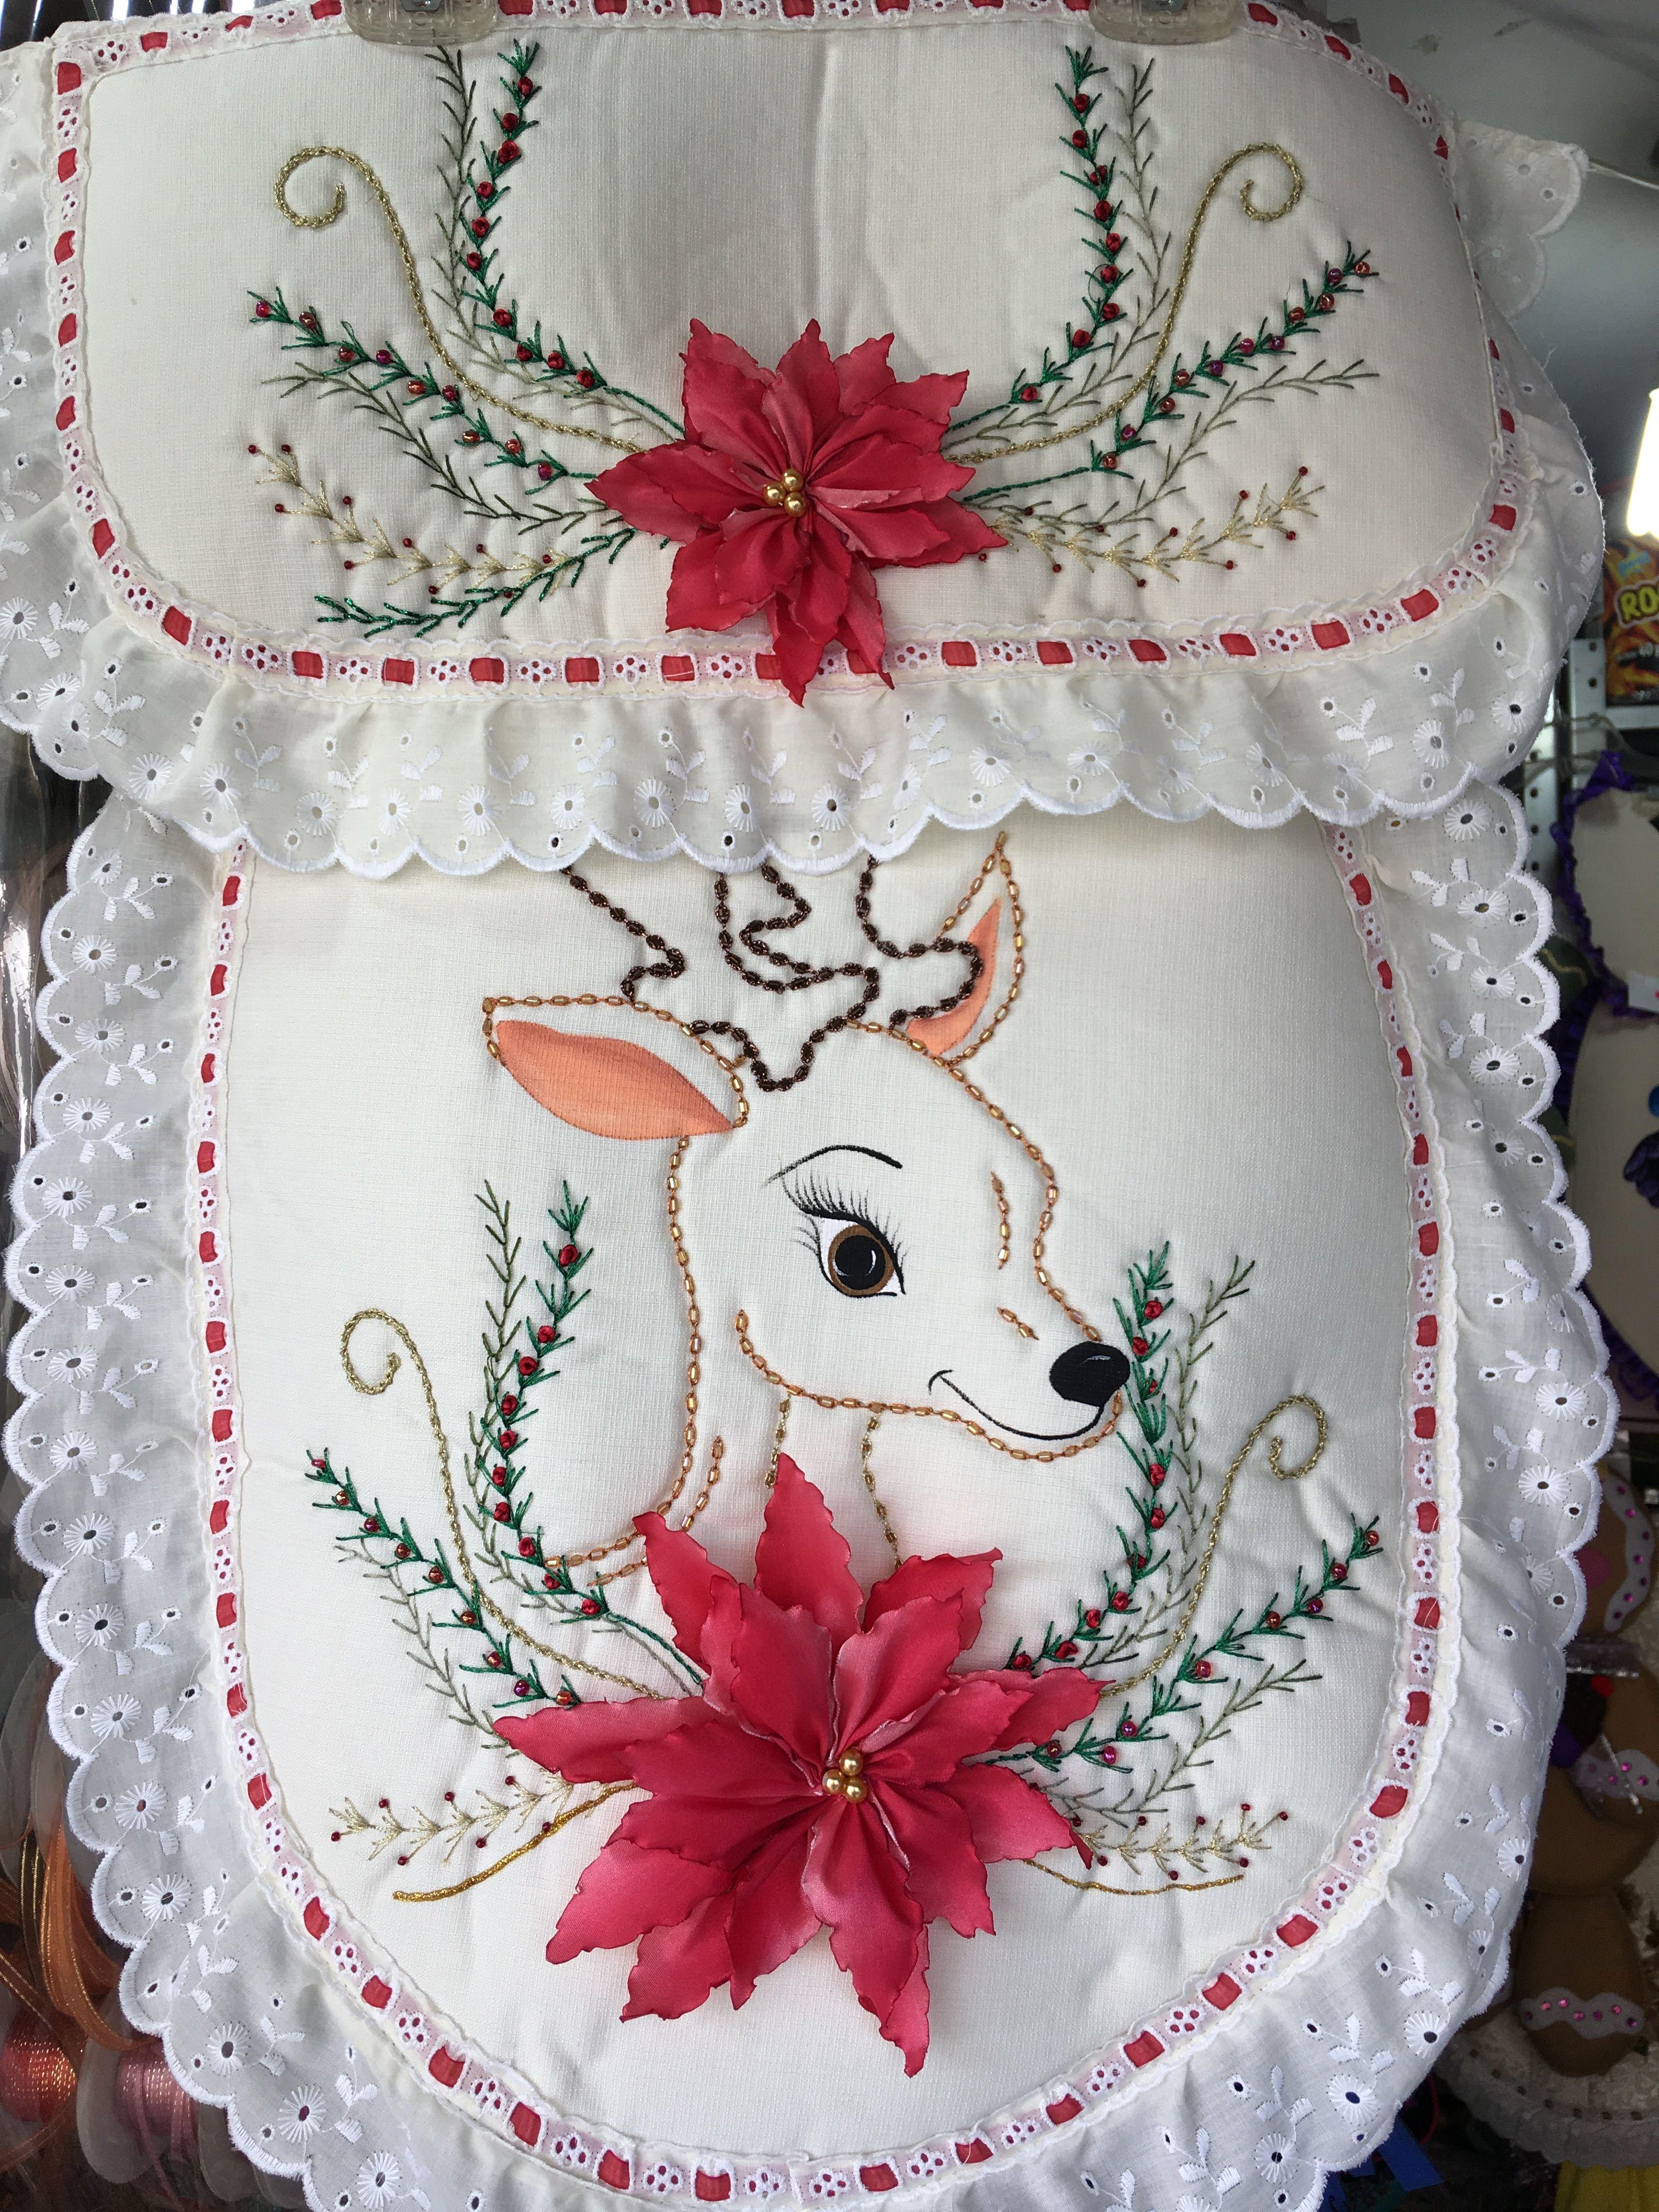 Juego De Bano Navideno Bordado Bordado De Cinta Quilts Navidad